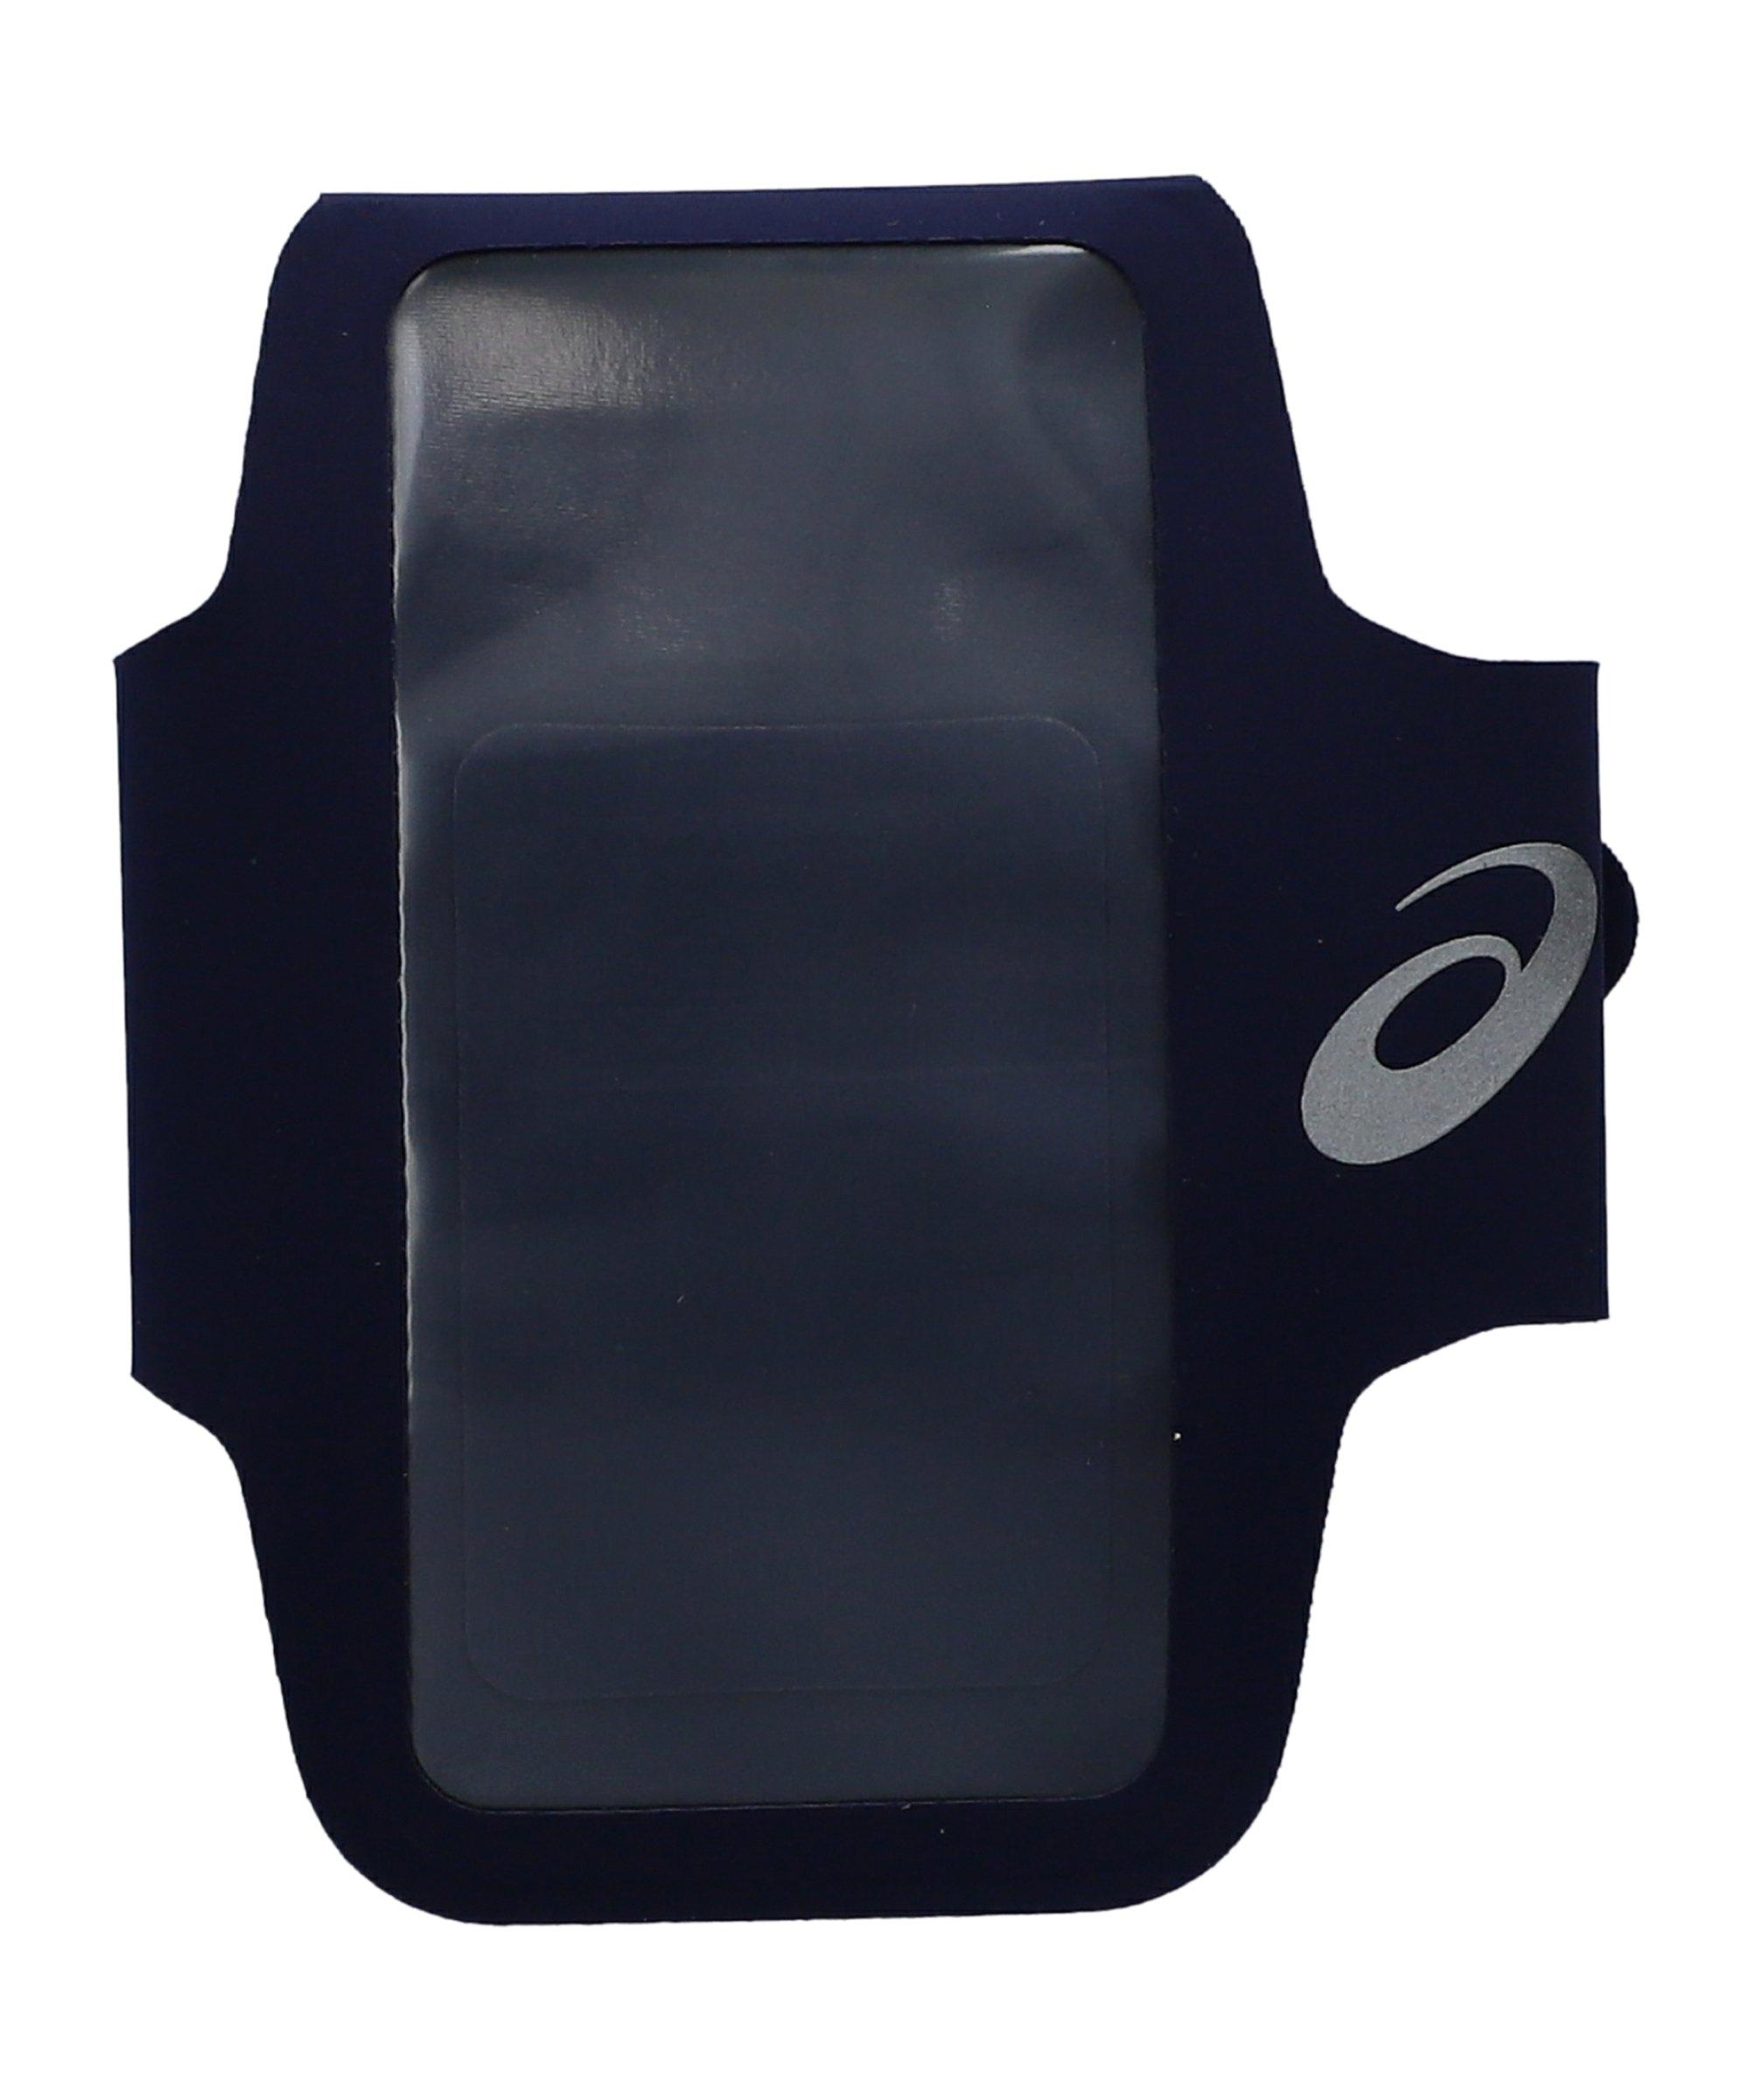 Asics Arm Pouch Phone Tasche Running Blau F400 - blau